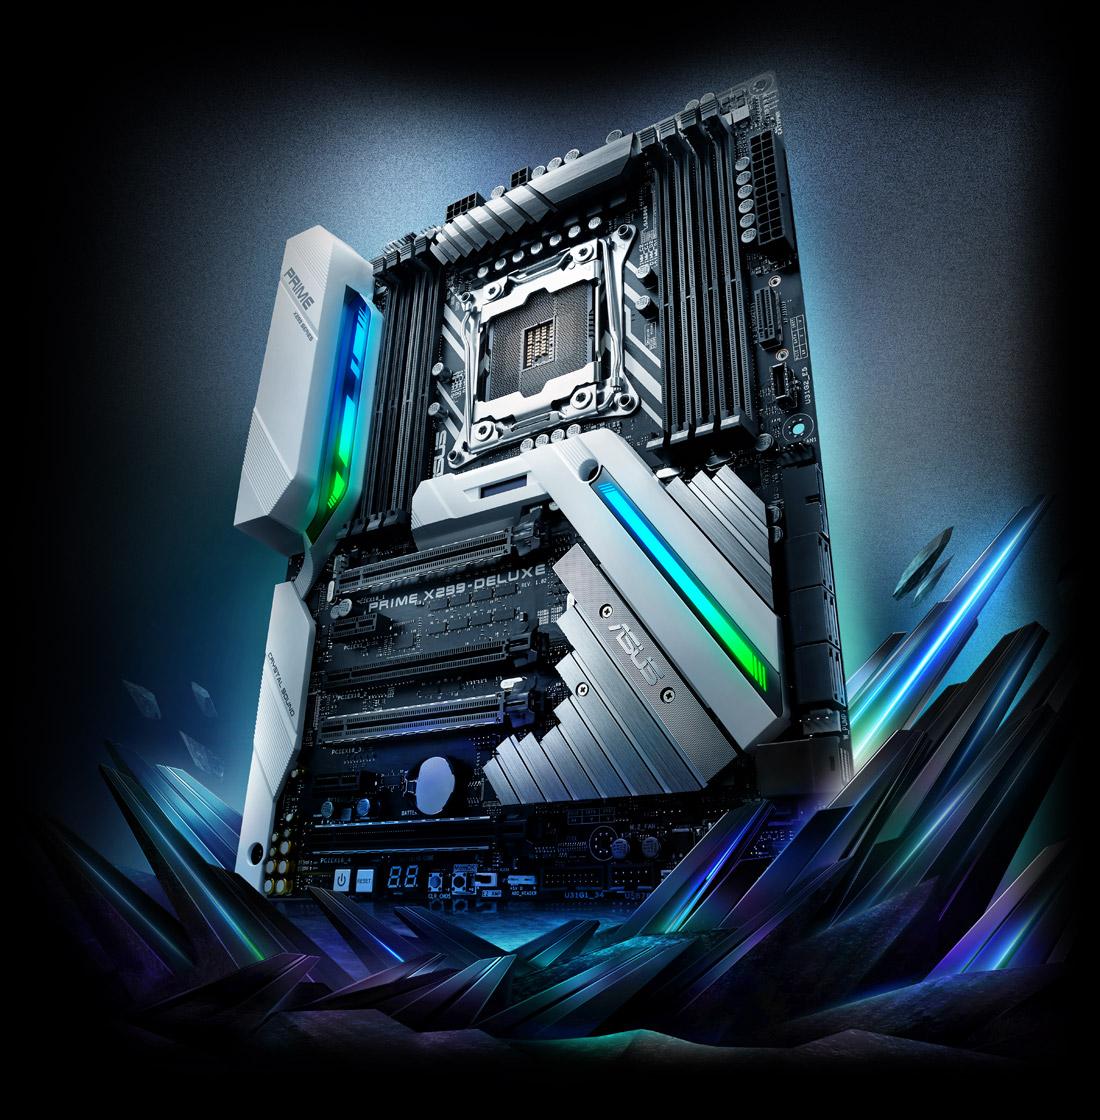 Asus S2066 Atx Prime X299